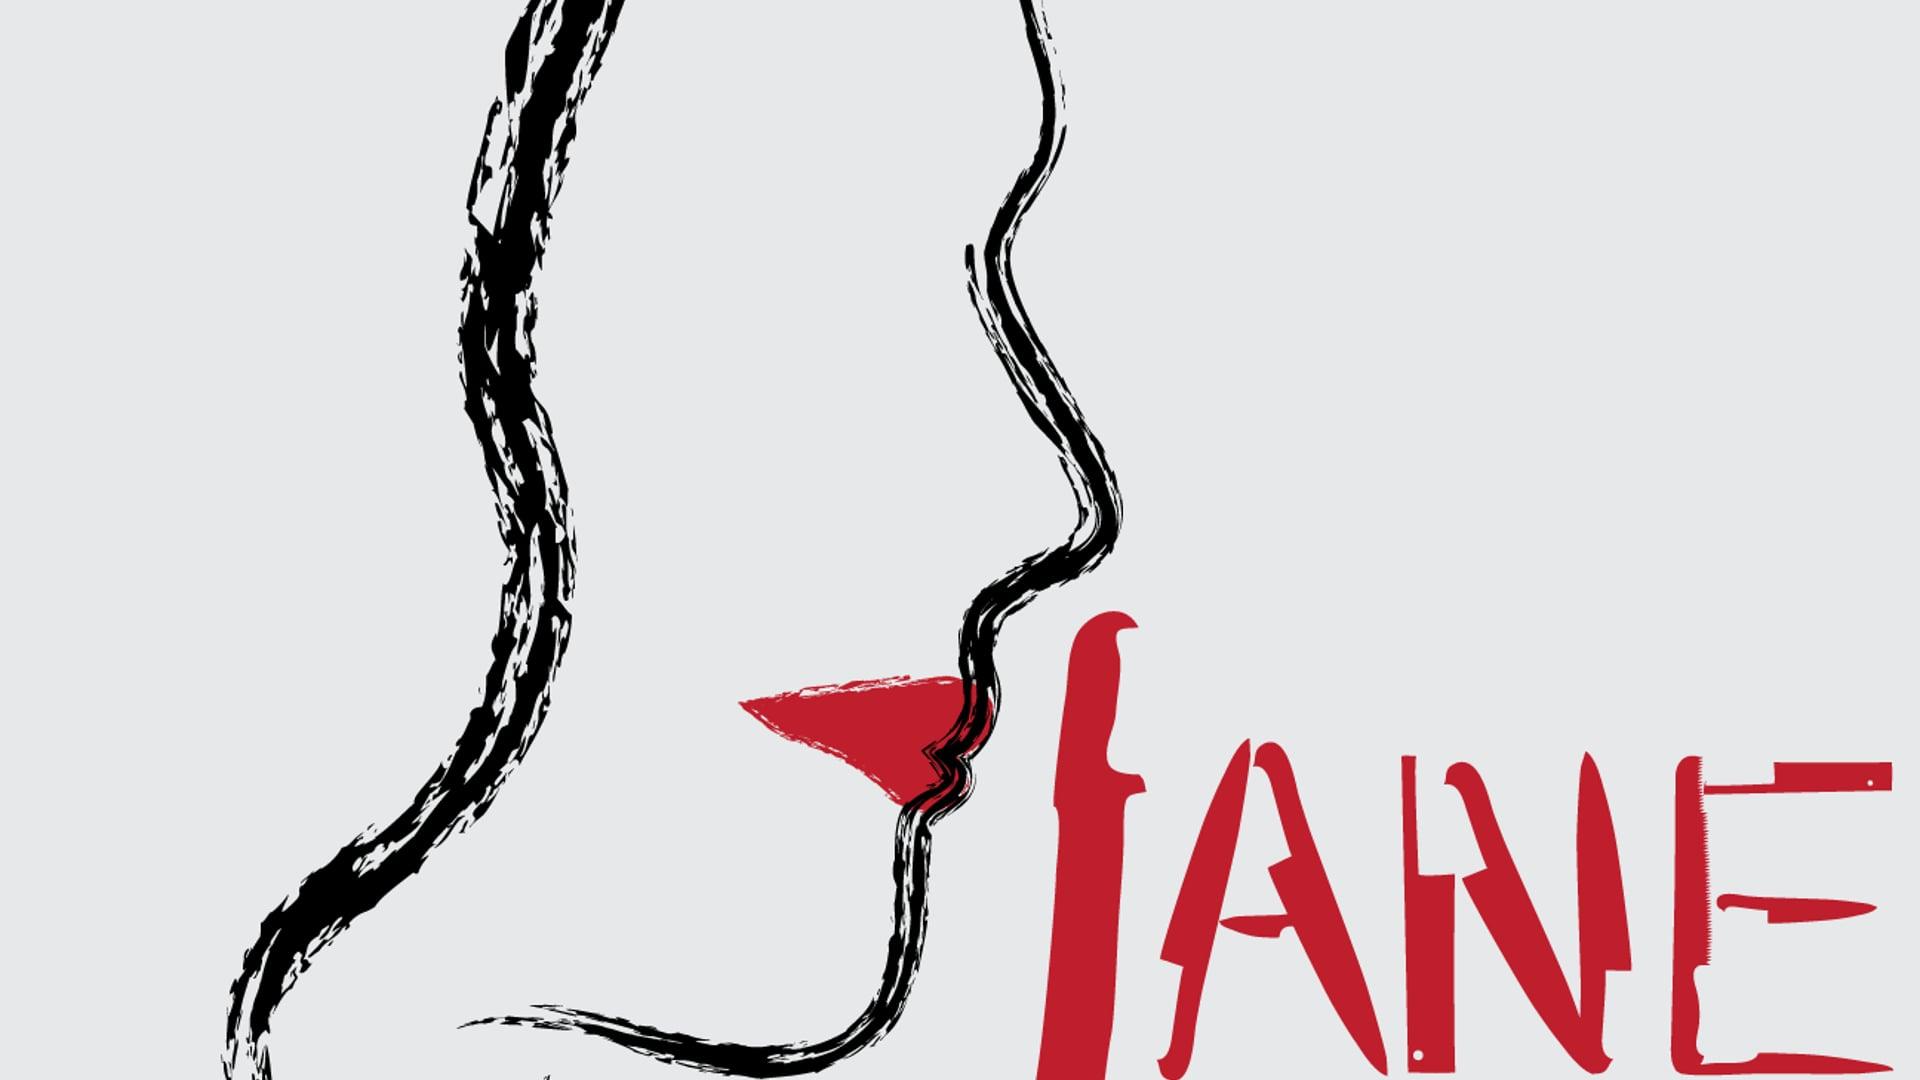 JANE Teaser